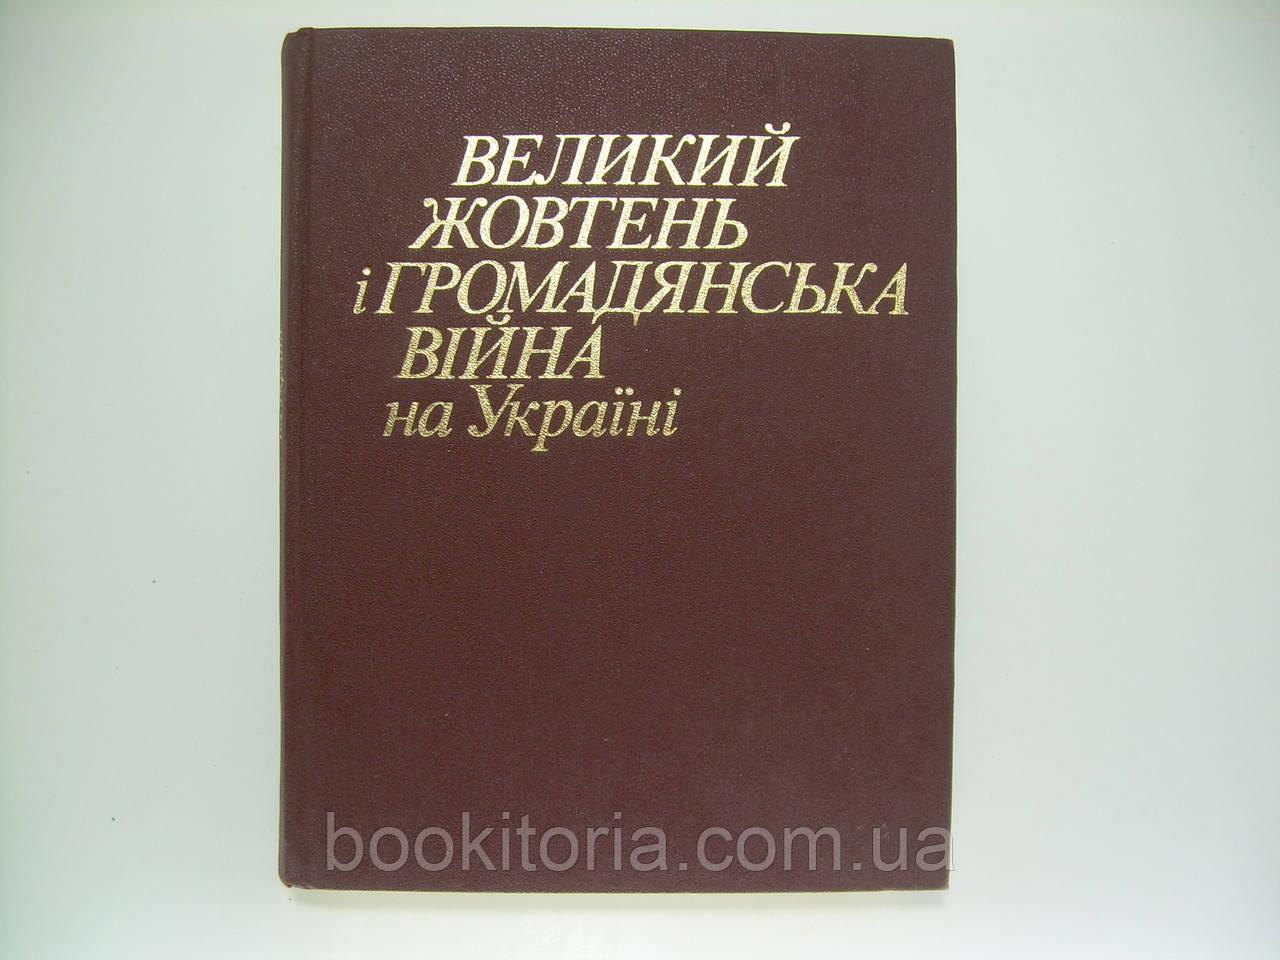 Великий Жовтень і громадянська війна на Україні (б/у).